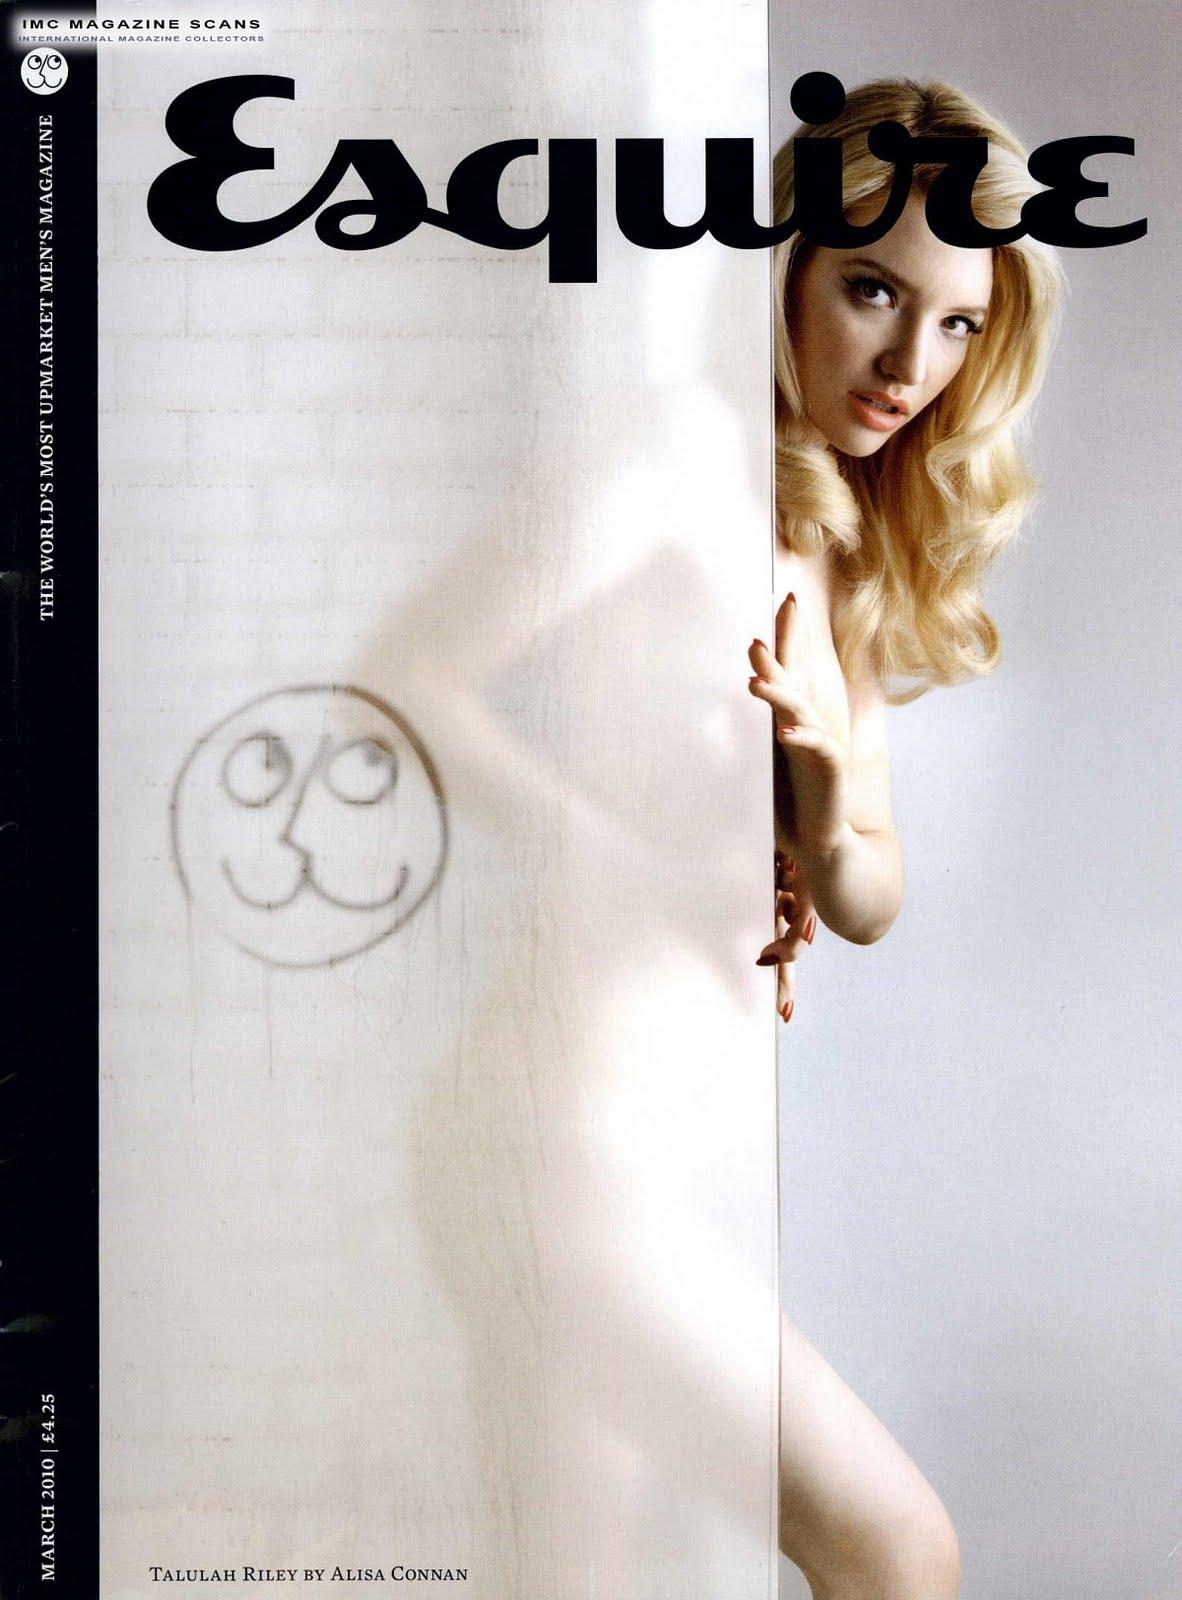 http://1.bp.blogspot.com/_6O72kKZ1q80/S8EU3vZ7BdI/AAAAAAAABlI/J23KKBJmOlw/s1600/telulah-riley-sexy.jpg